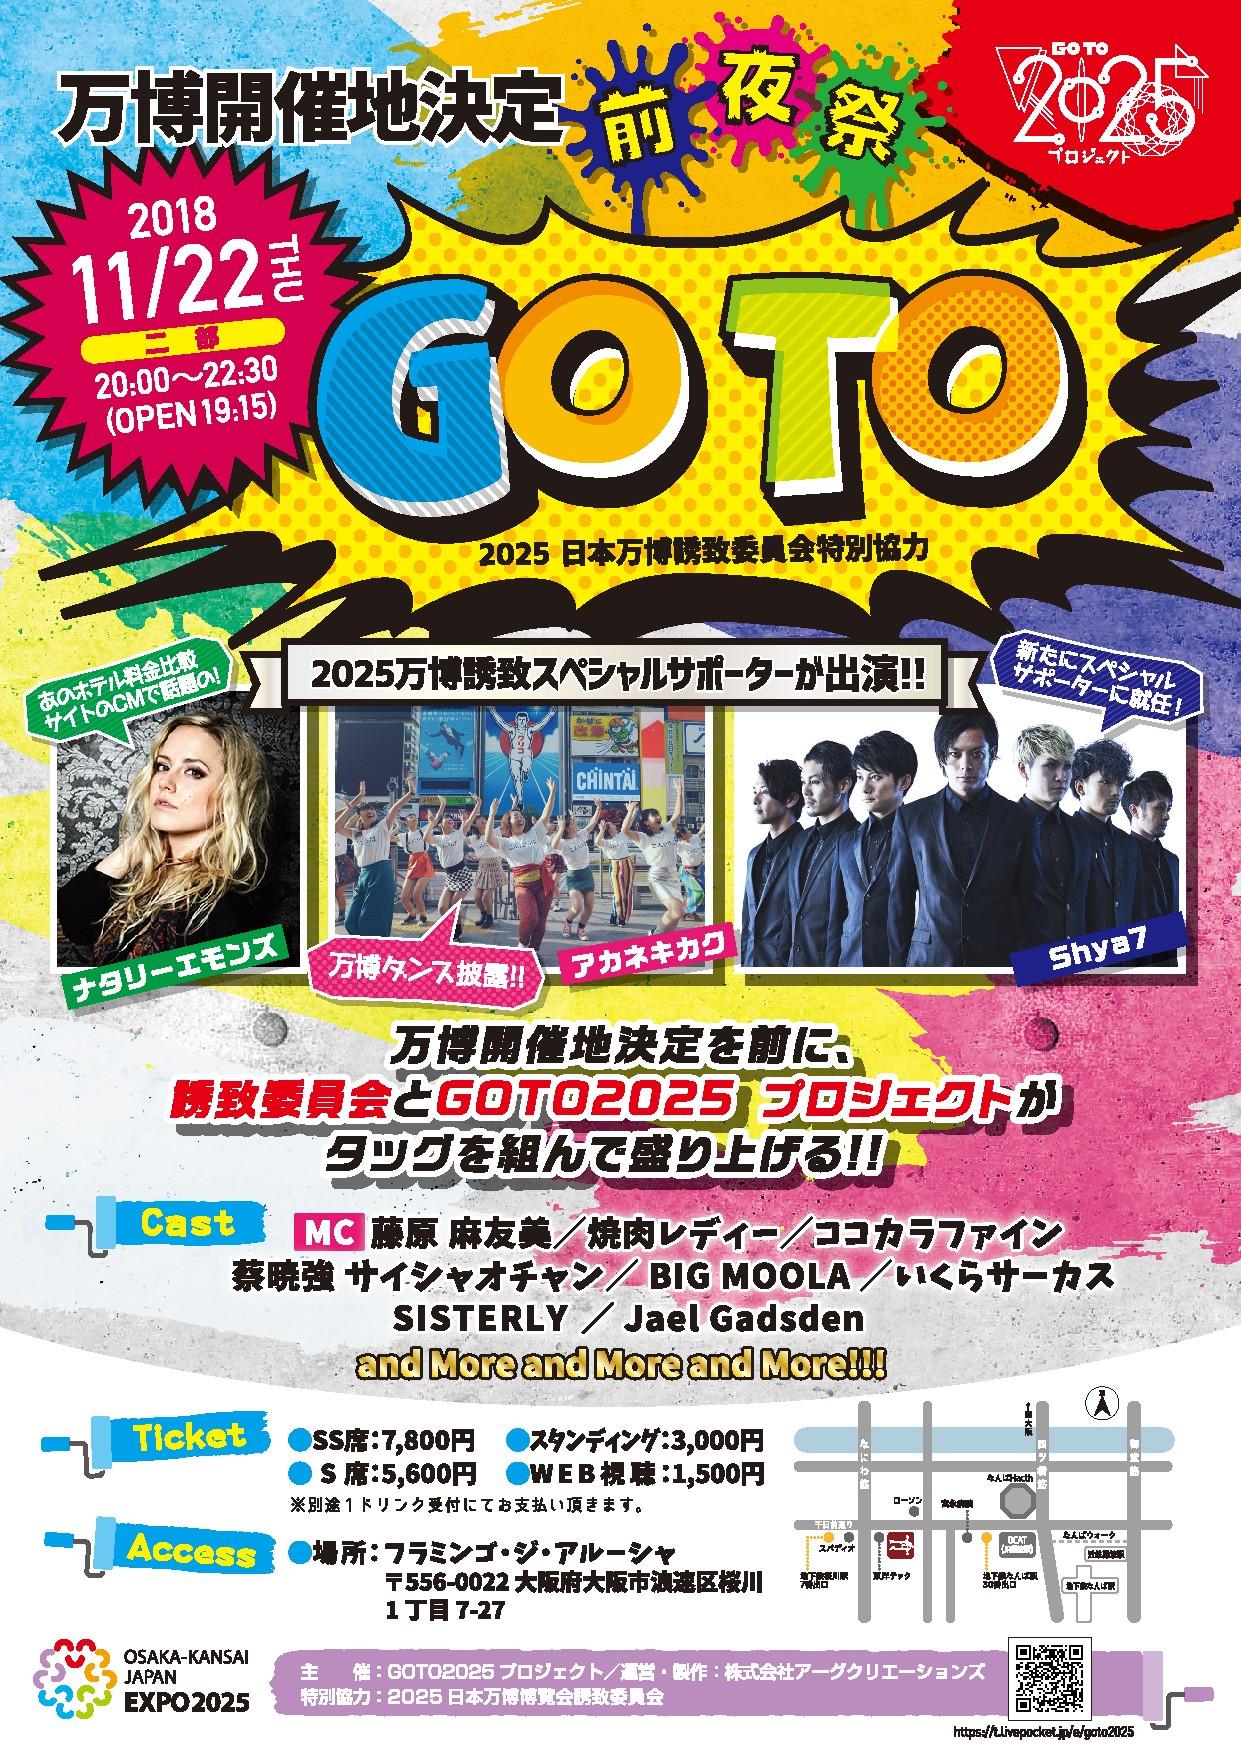 万博開催地決定前夜祭!!「GO TO」